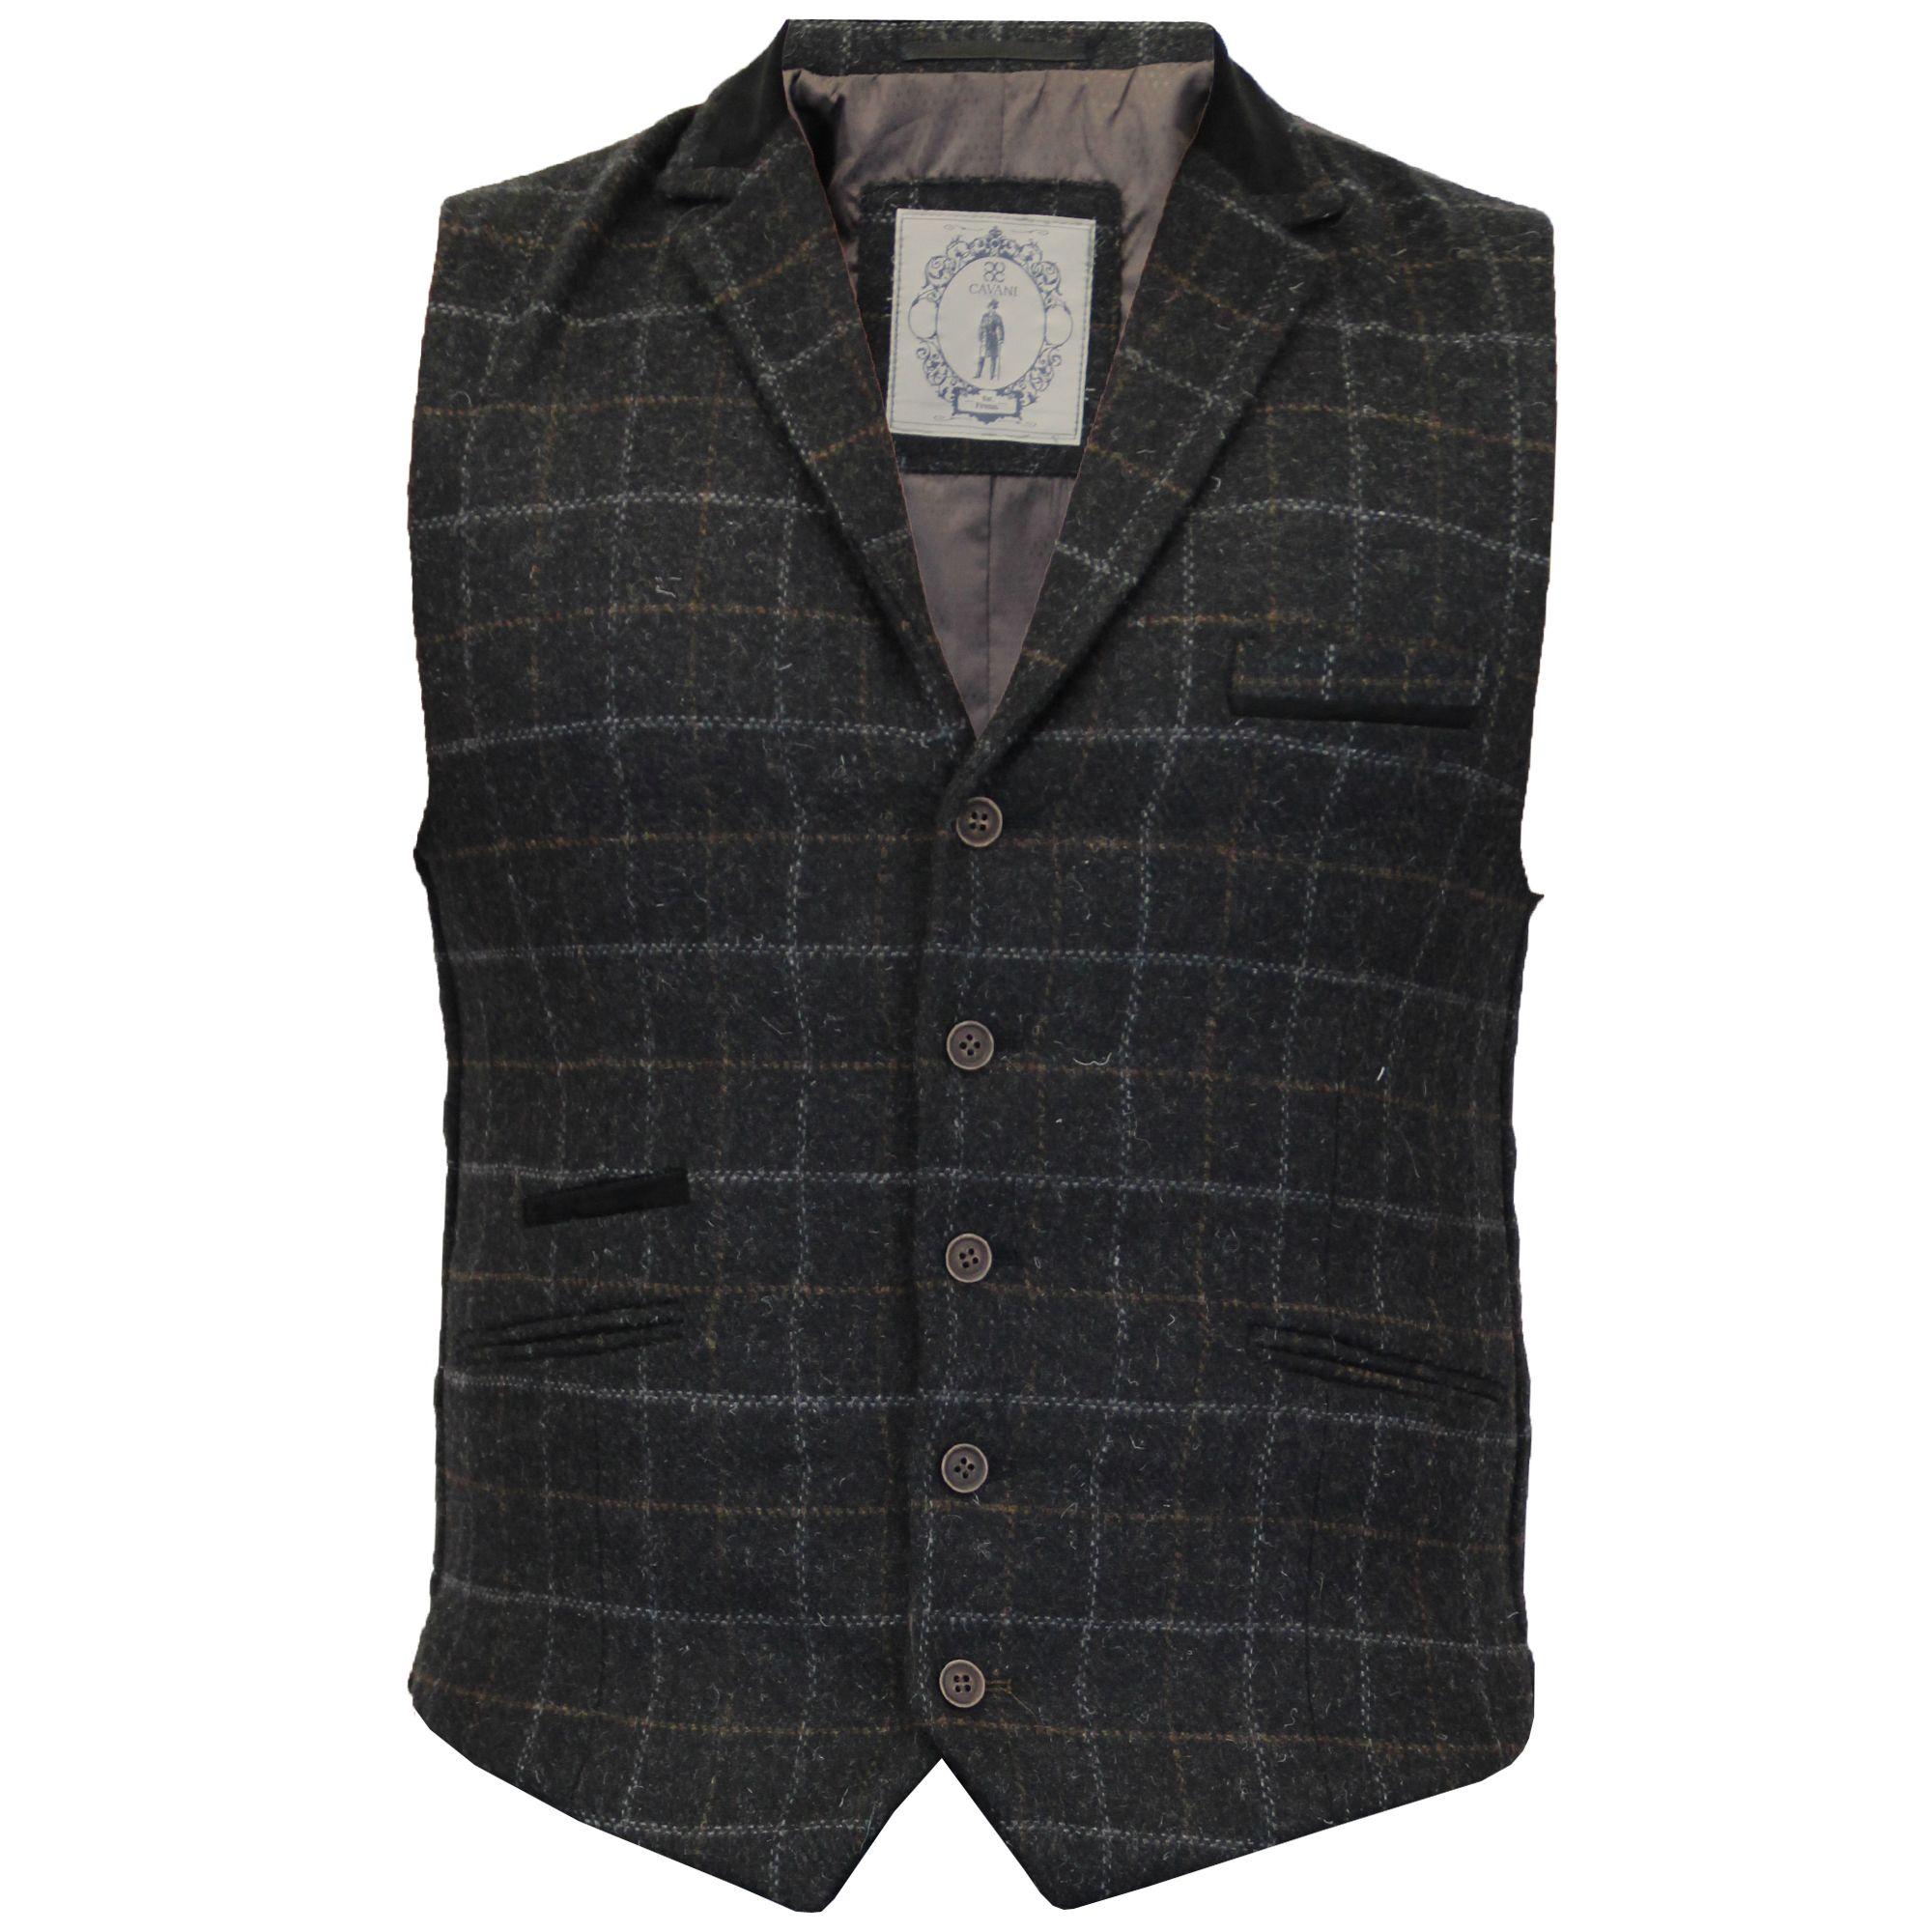 935cf34262b Mens Waistcoat Wool Mix Cavani Formal Vest Herringbone Tweed Check Casual  Party